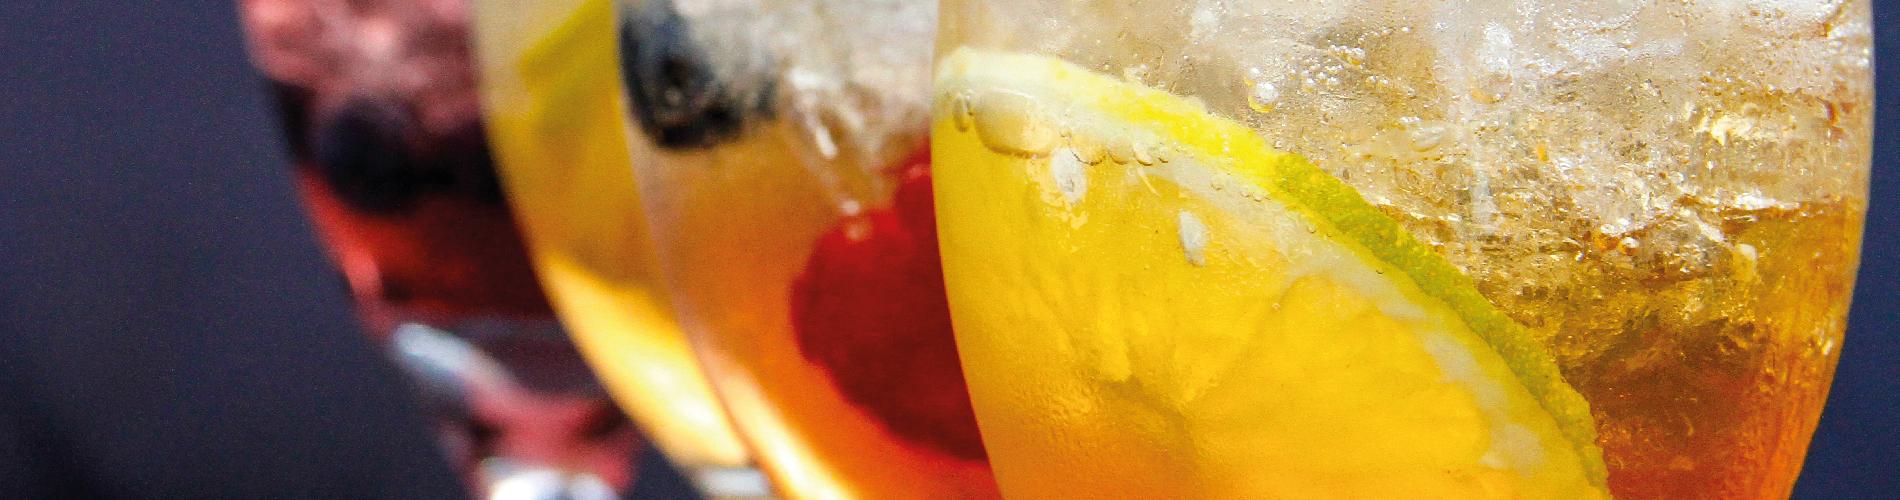 antigua-food-drink-guide-homepage-01